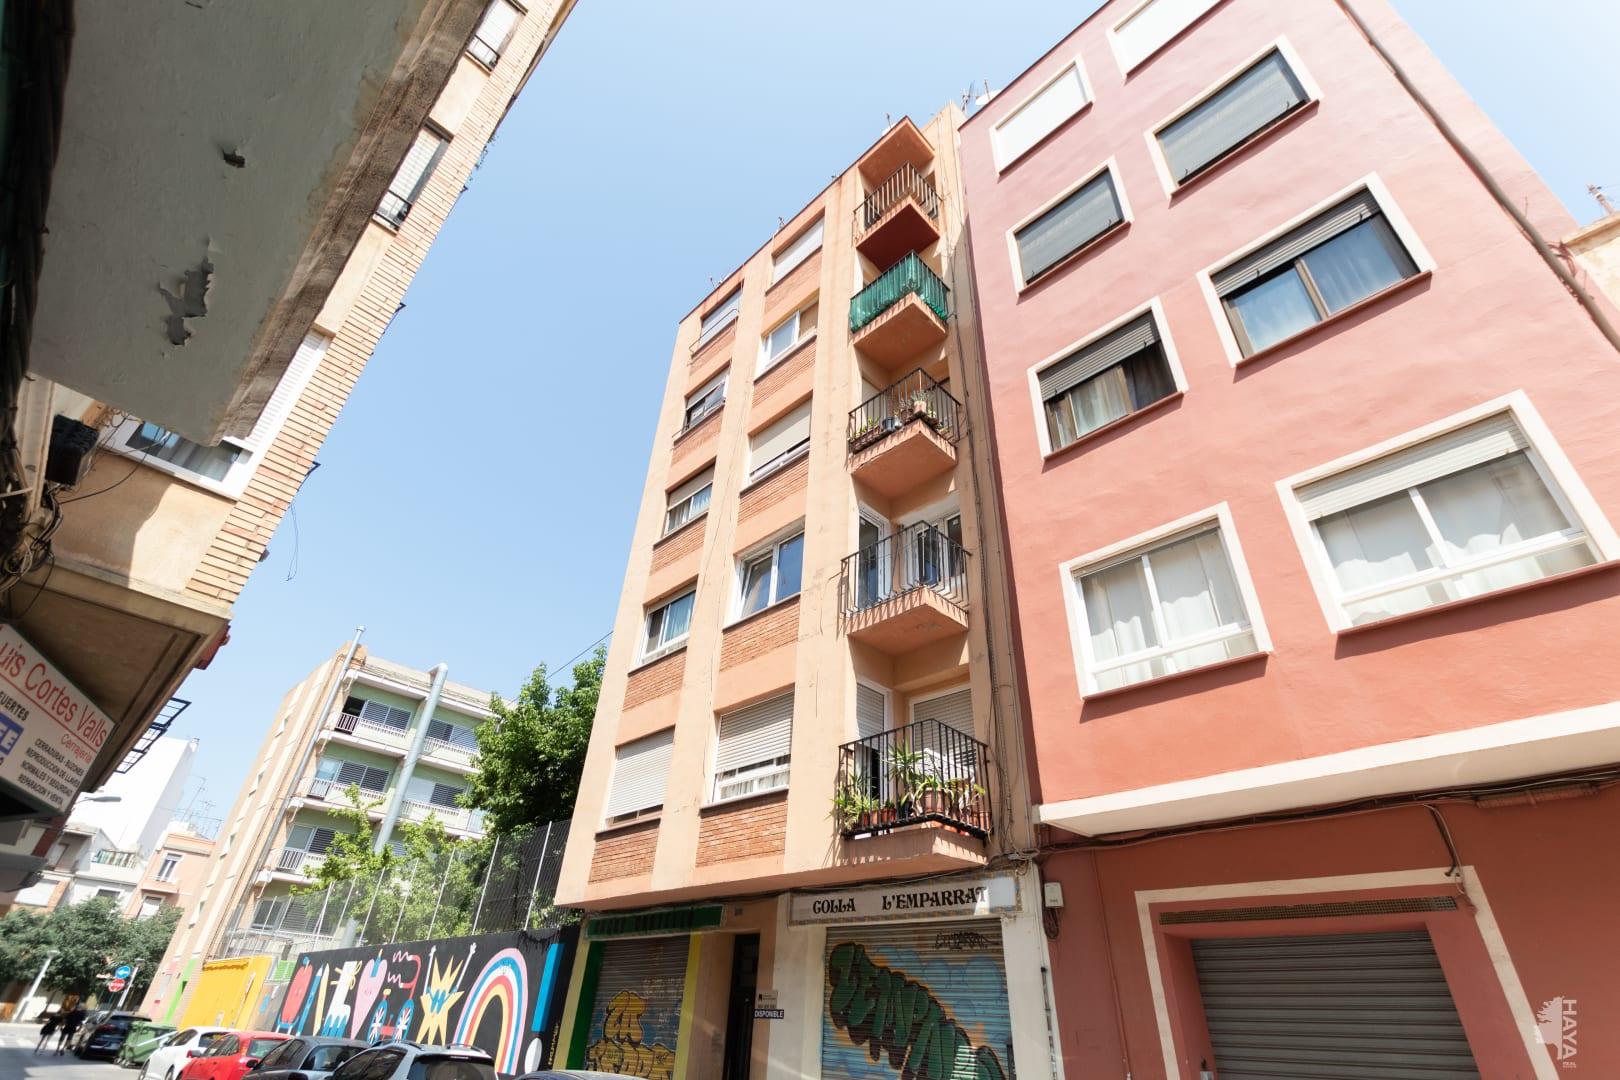 Piso en venta en Urbanización Penyeta Roja, Castellón de la Plana/castelló de la Plana, Castellón, Calle Padre Vicent, 29.000 €, 3 habitaciones, 1 baño, 68 m2